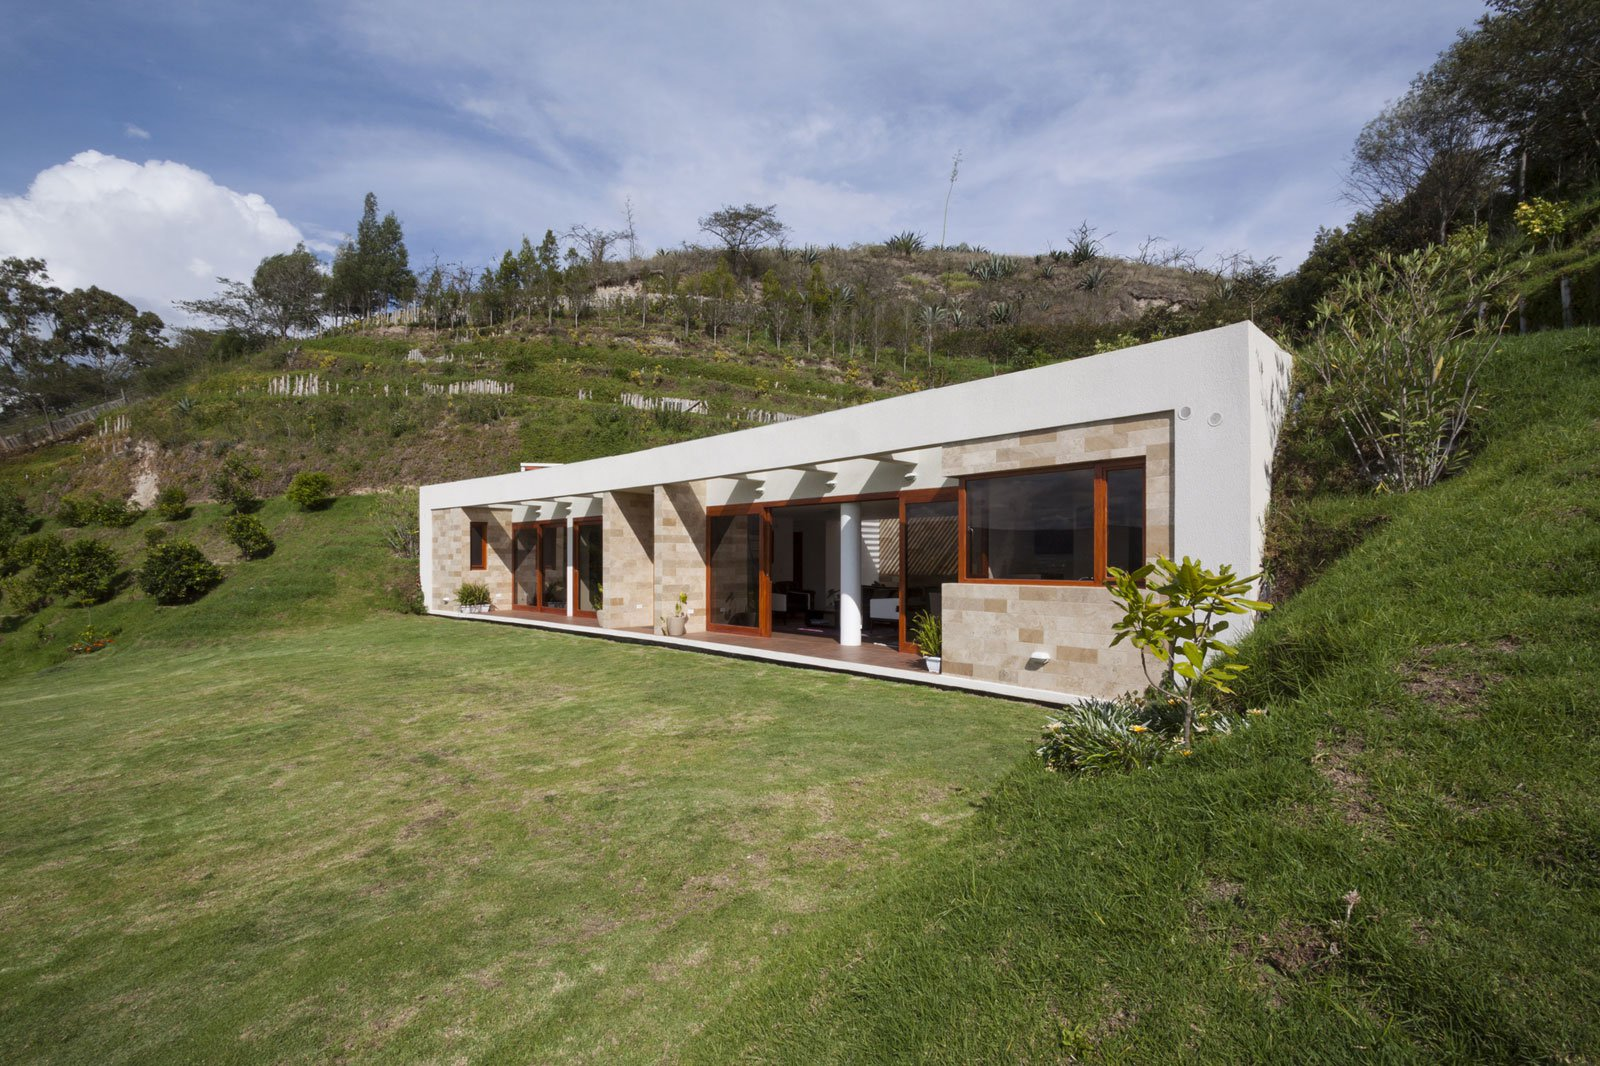 Casa una planta moderna con techo verde for How to build a house in a mountain